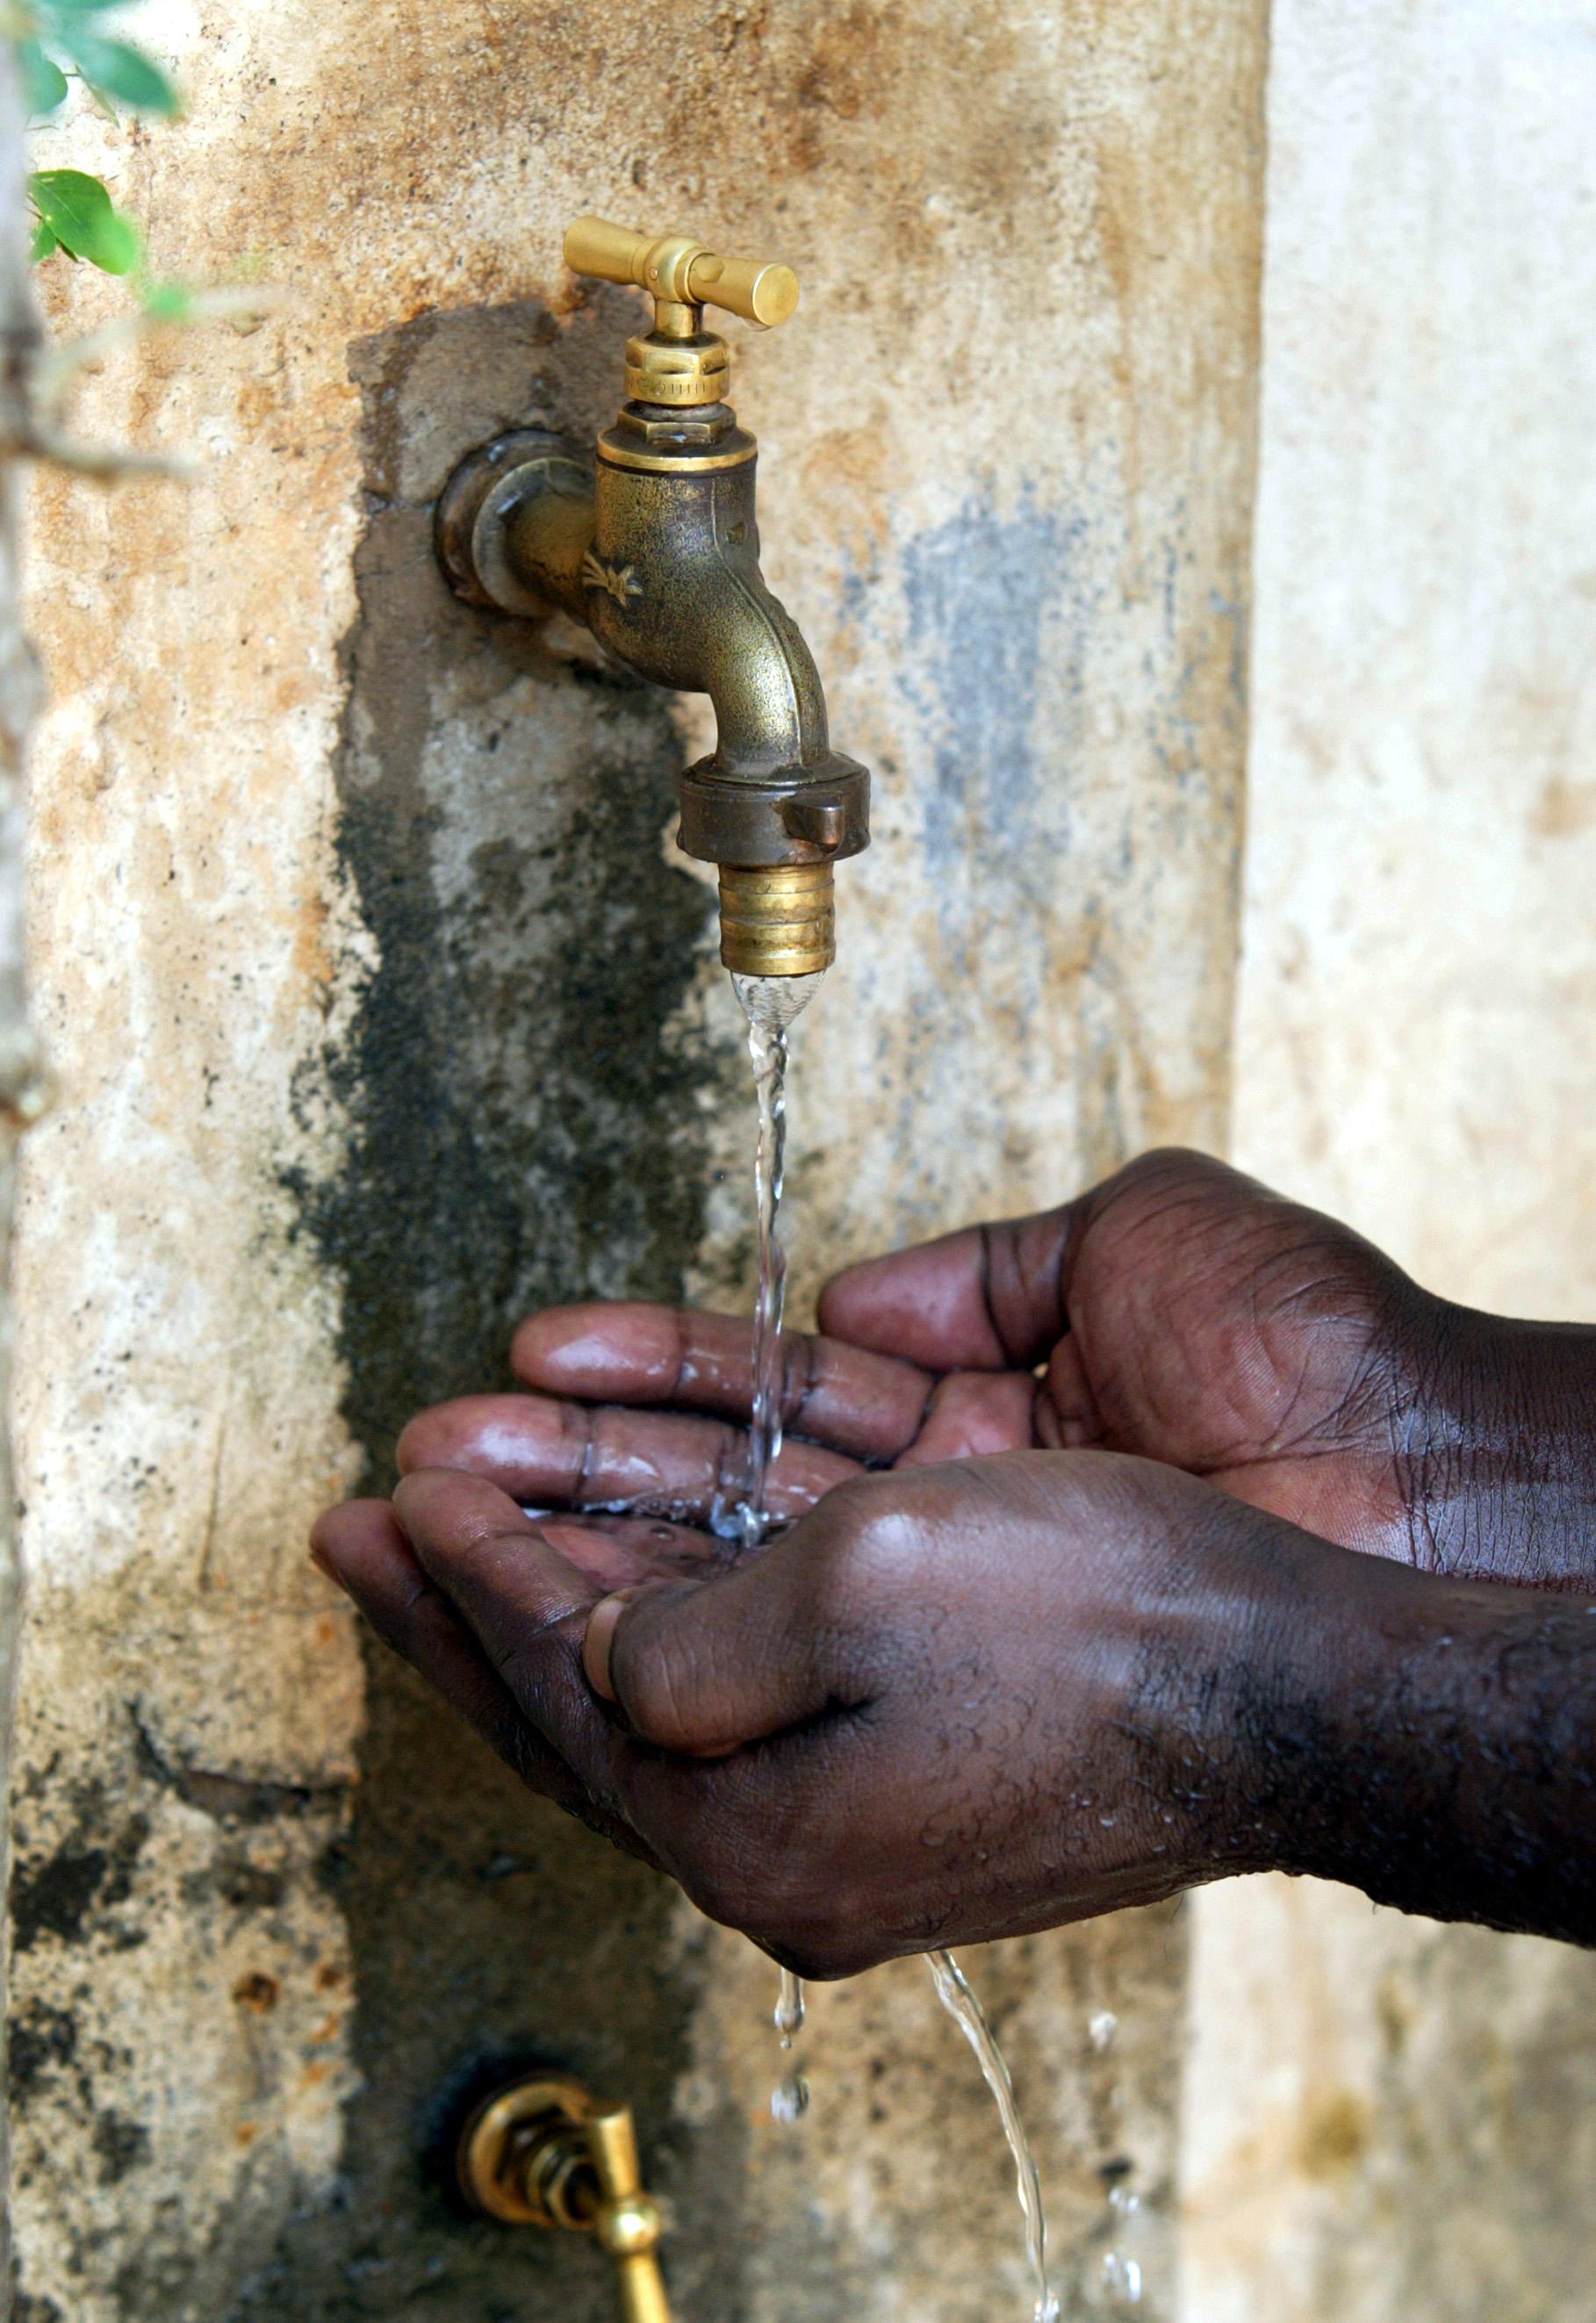 Hände unter einem Wasserhahn in Benin